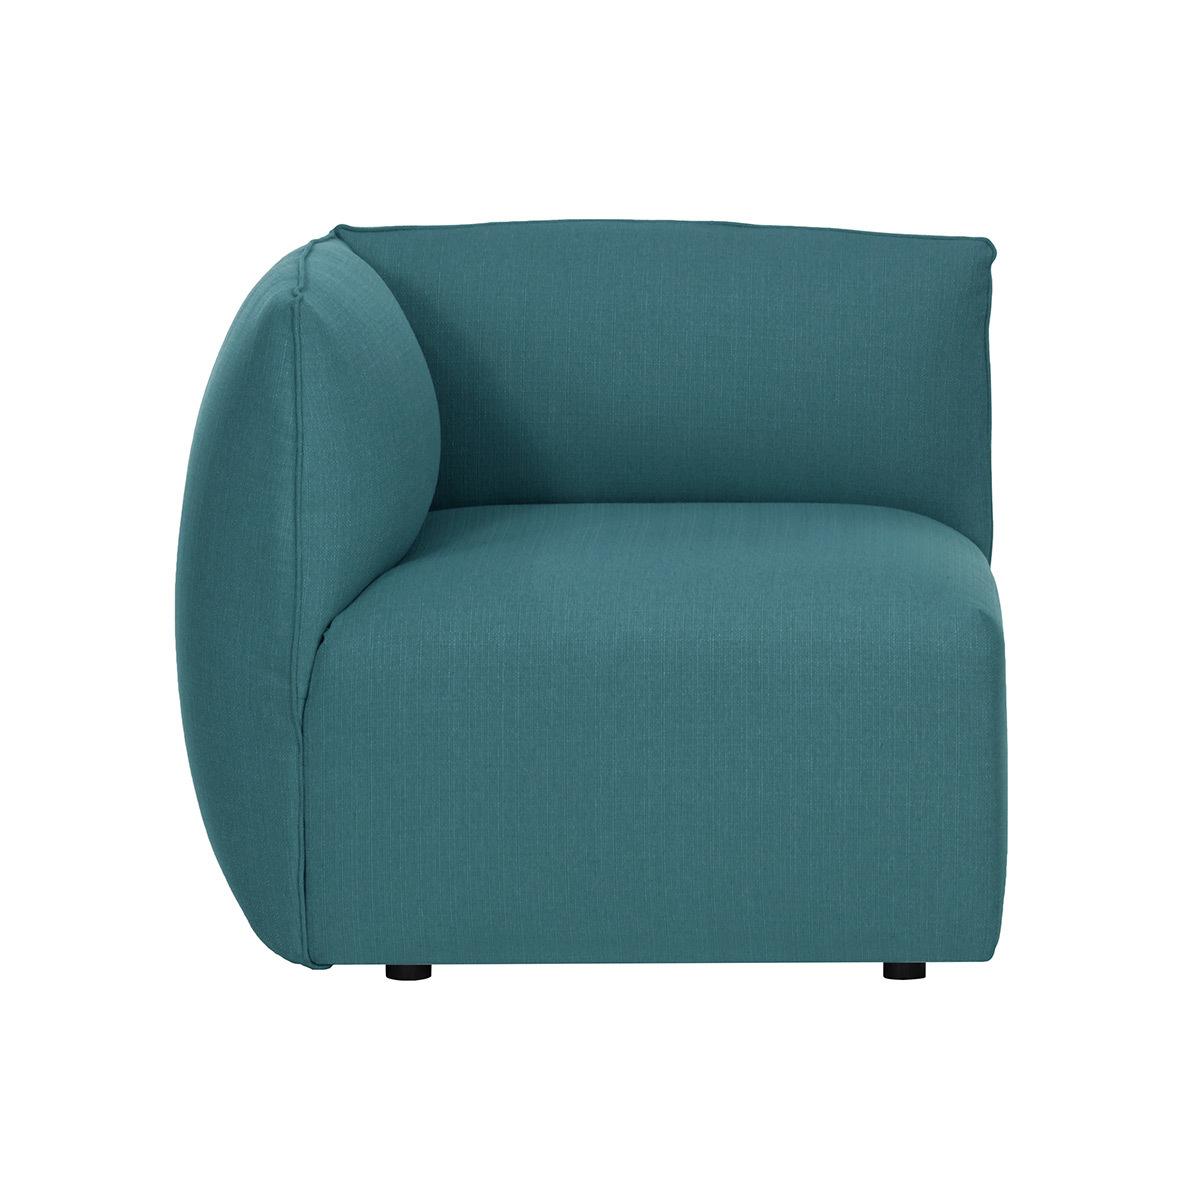 Angolo divano design in tessuto Blu anatra MODULO